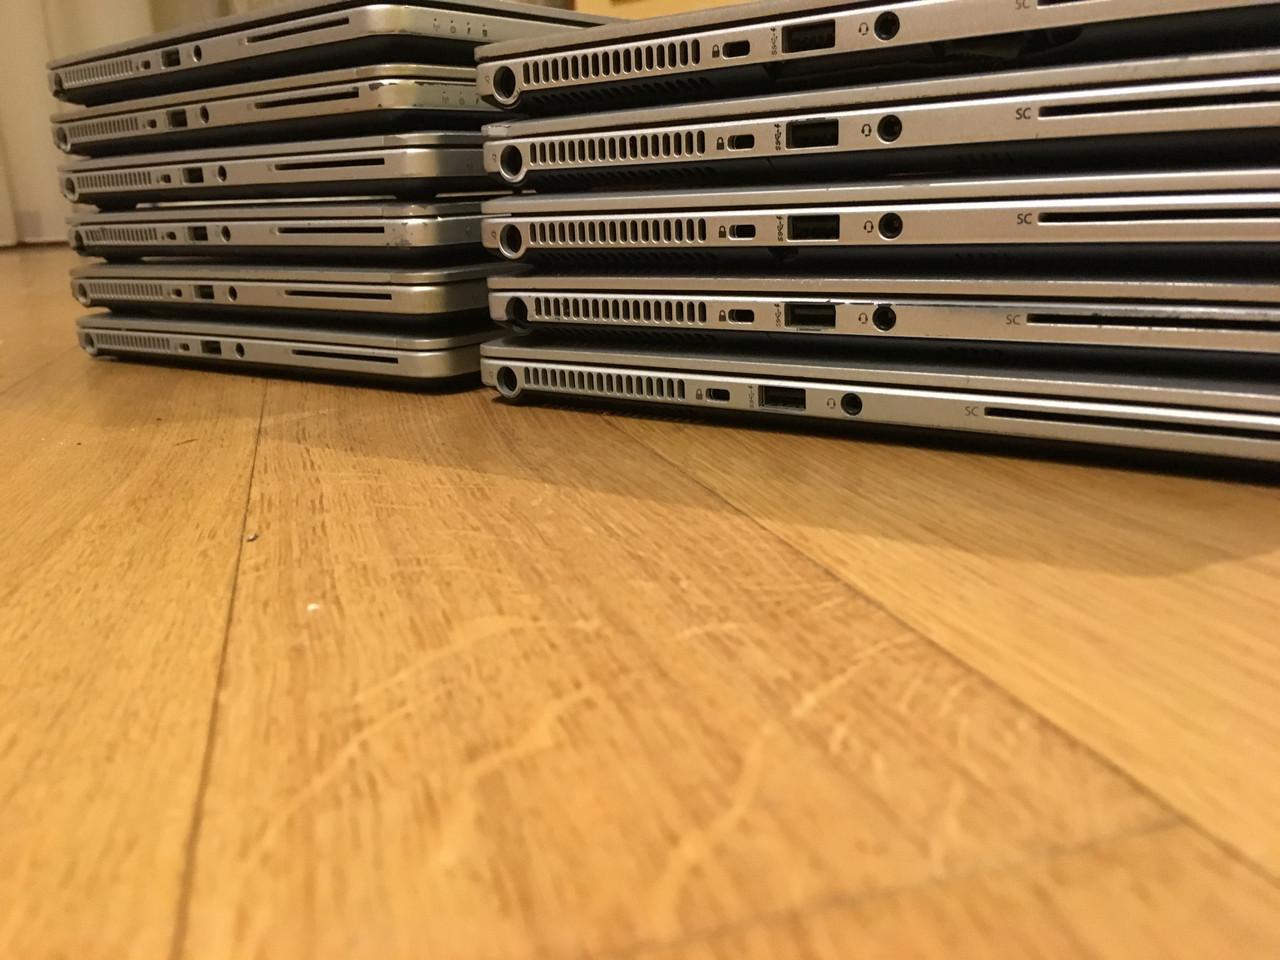 ОПТ! Ноутбуки HP Folio 9480 (i5-4310U) / Intel HD Graphics 4400